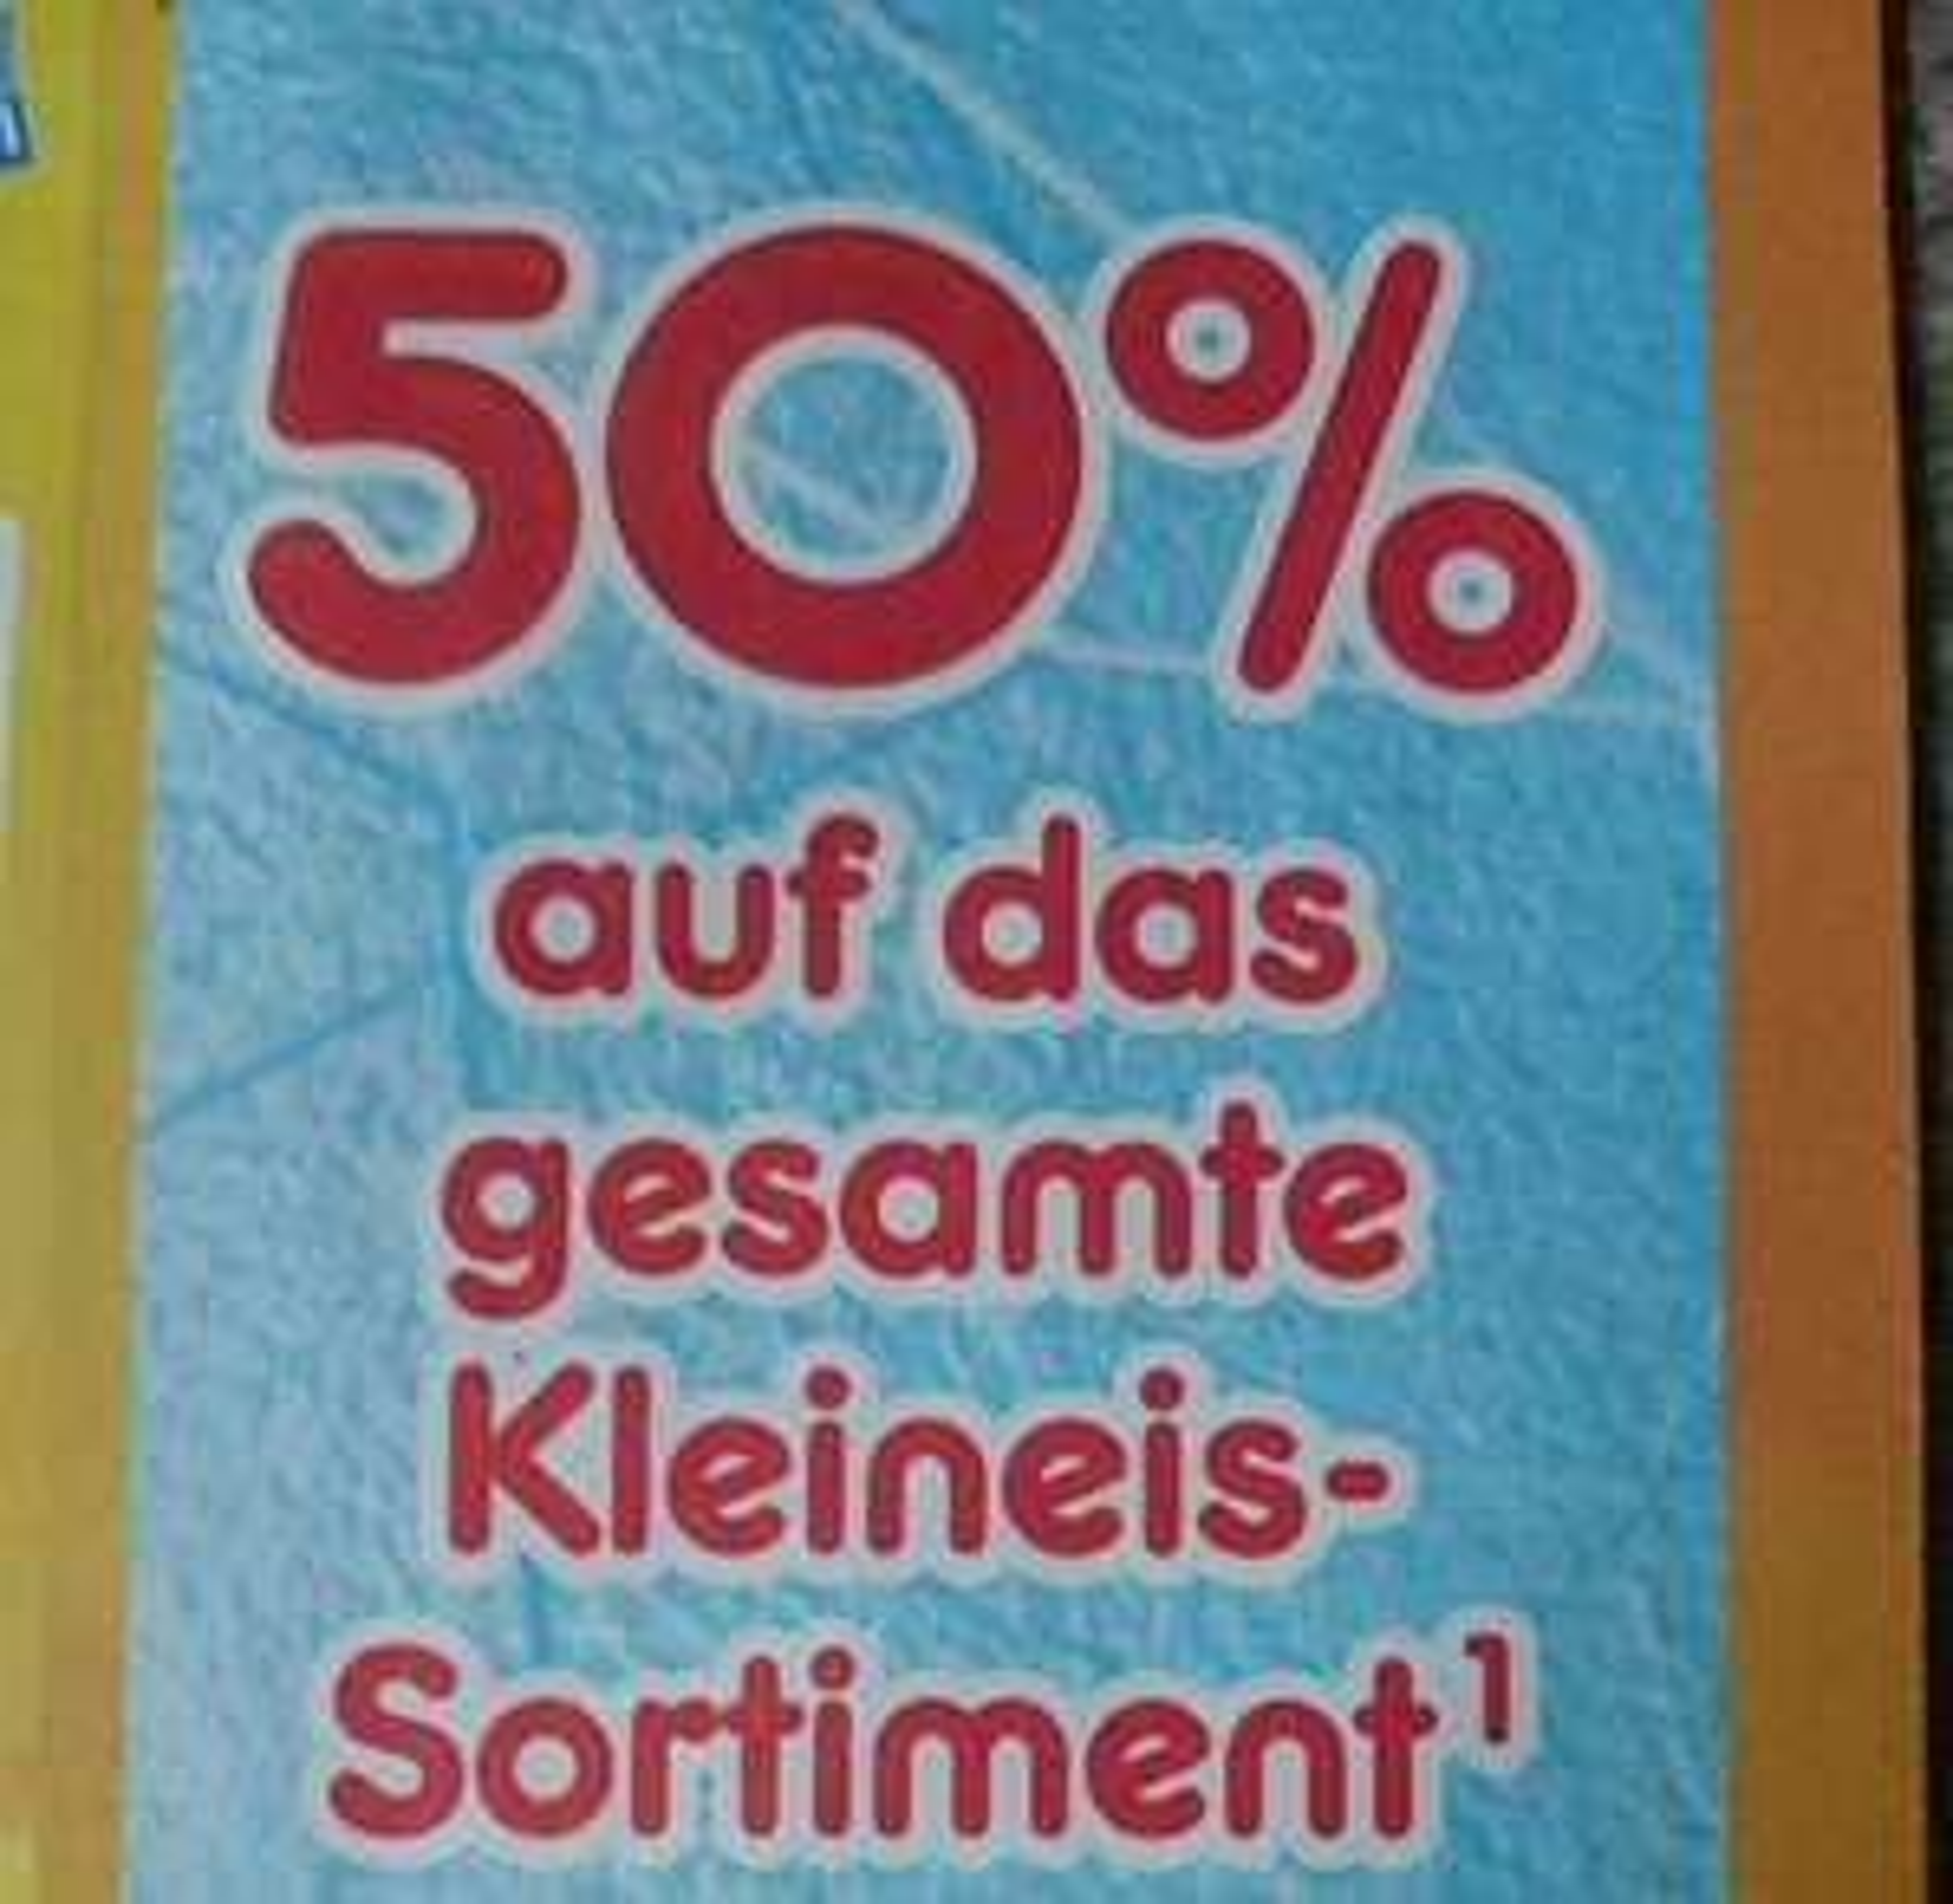 50% Rabatt auf das Kleineis Sortiment